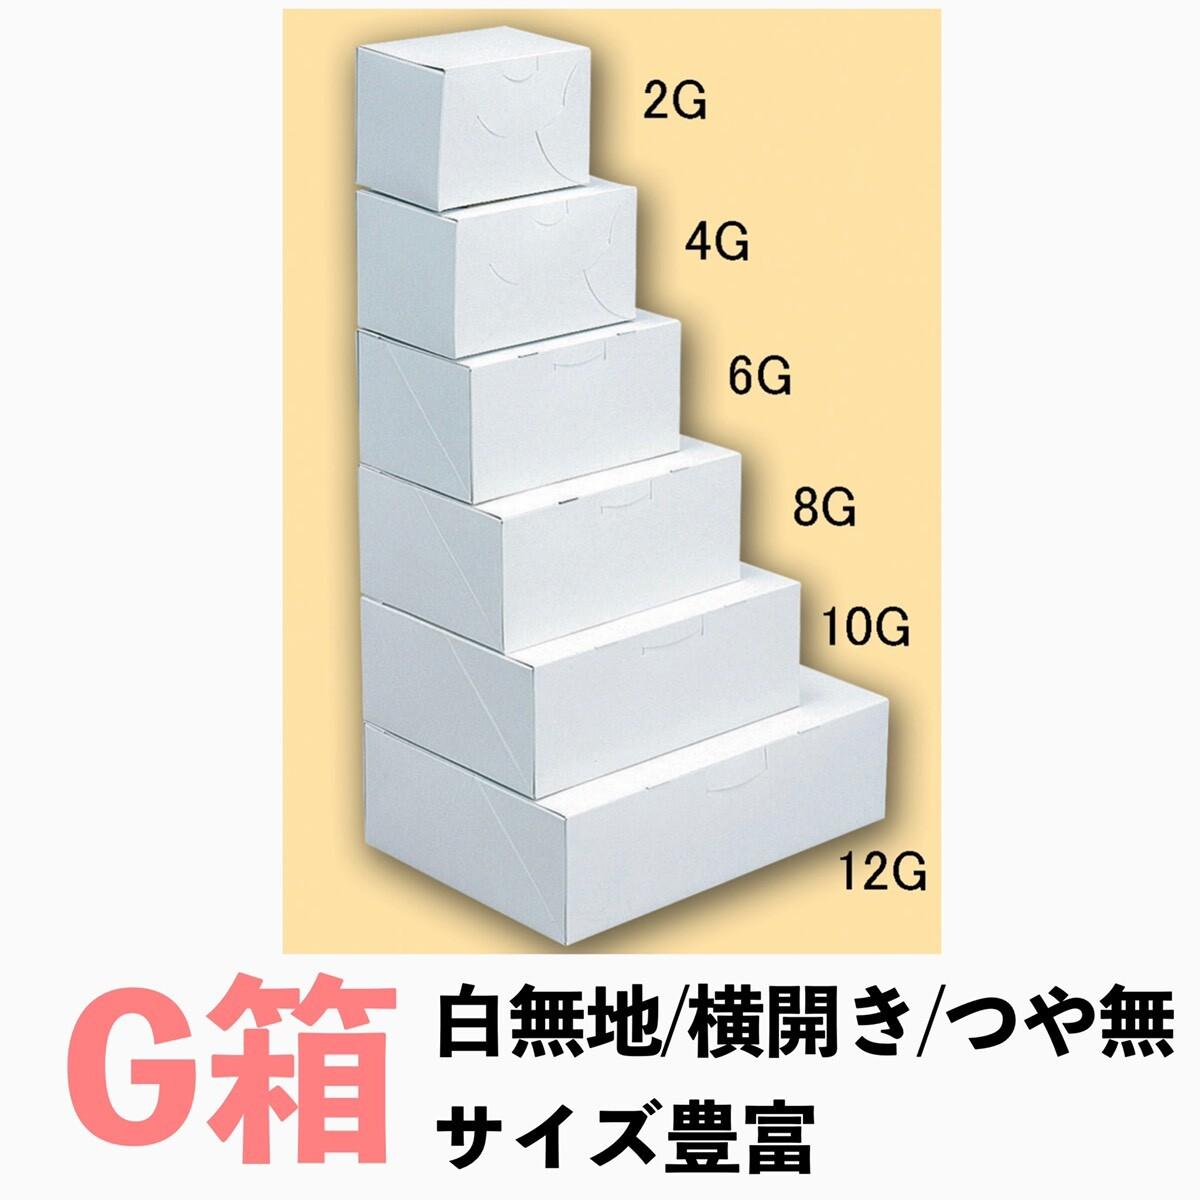 画像1: C-01-G(白無地横入れ手さげなし)/6G/8G/10G/12G (1)